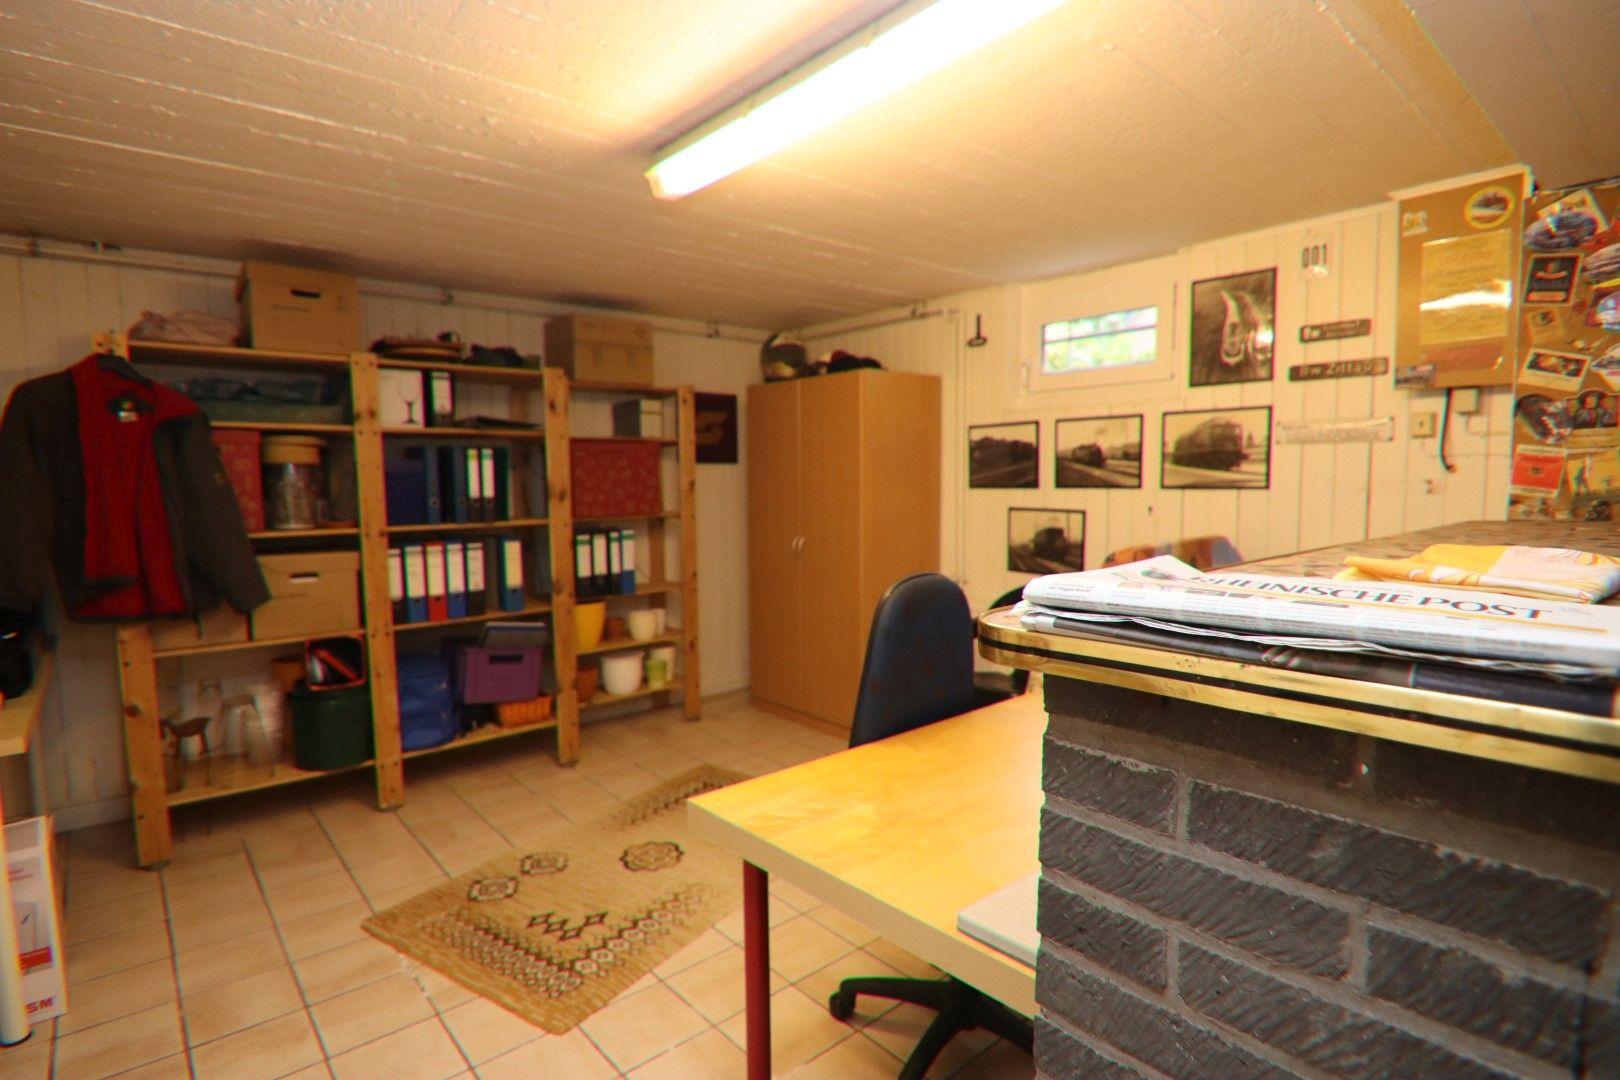 Immobilie Nr.0281 - Freistehendes EFH mit Vollkeller, Wintergarten u. Garage  - Bild 18.jpg